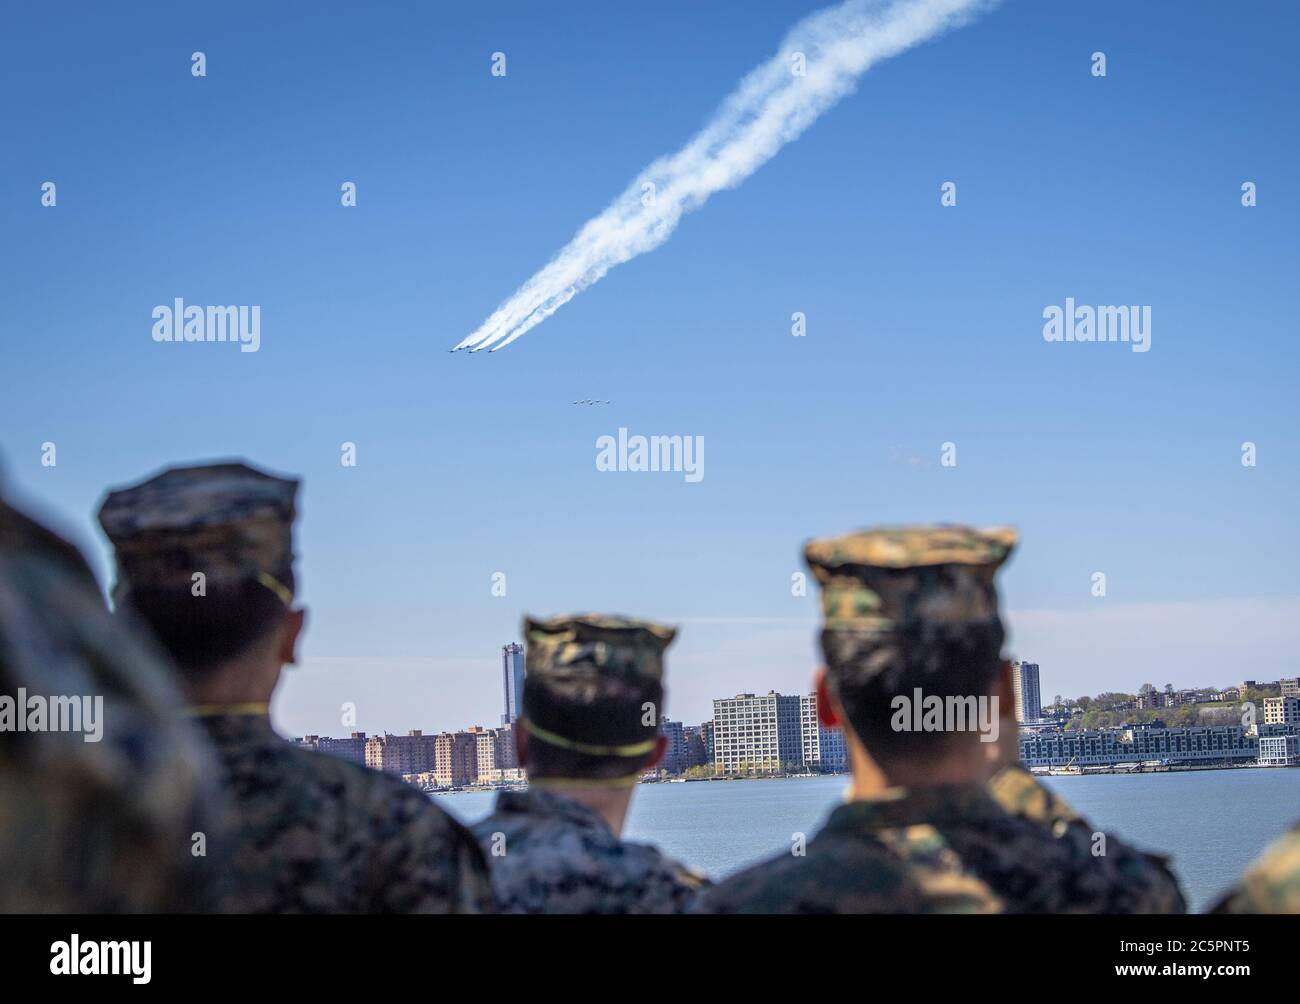 Manhattan, Stati Uniti d'America. 29 aprile 2020. NEW YORK (28 aprile 2020) lo Squadrone di dimostrazione del volo della Marina militare statunitense, gli Angeli Blu e lo Squadrone di dimostrazione dell'aria dell'aeronautica militare statunitense, gli uccelli del Thunderbirds, onorano i soccorritori della linea di fronte COVID-19 e i lavoratori essenziali con un volo di formazione sopra New York City. Una formazione di sei aerei F/A-18C/D Hornet e sei F-16C/D Fighting Falcon, conduce i flyovers come un saluto collaborativo per gli operatori sanitari, i soccorritori, i militari e altro personale essenziale. Credit: Storms Media Group/Alamy Live News Foto Stock